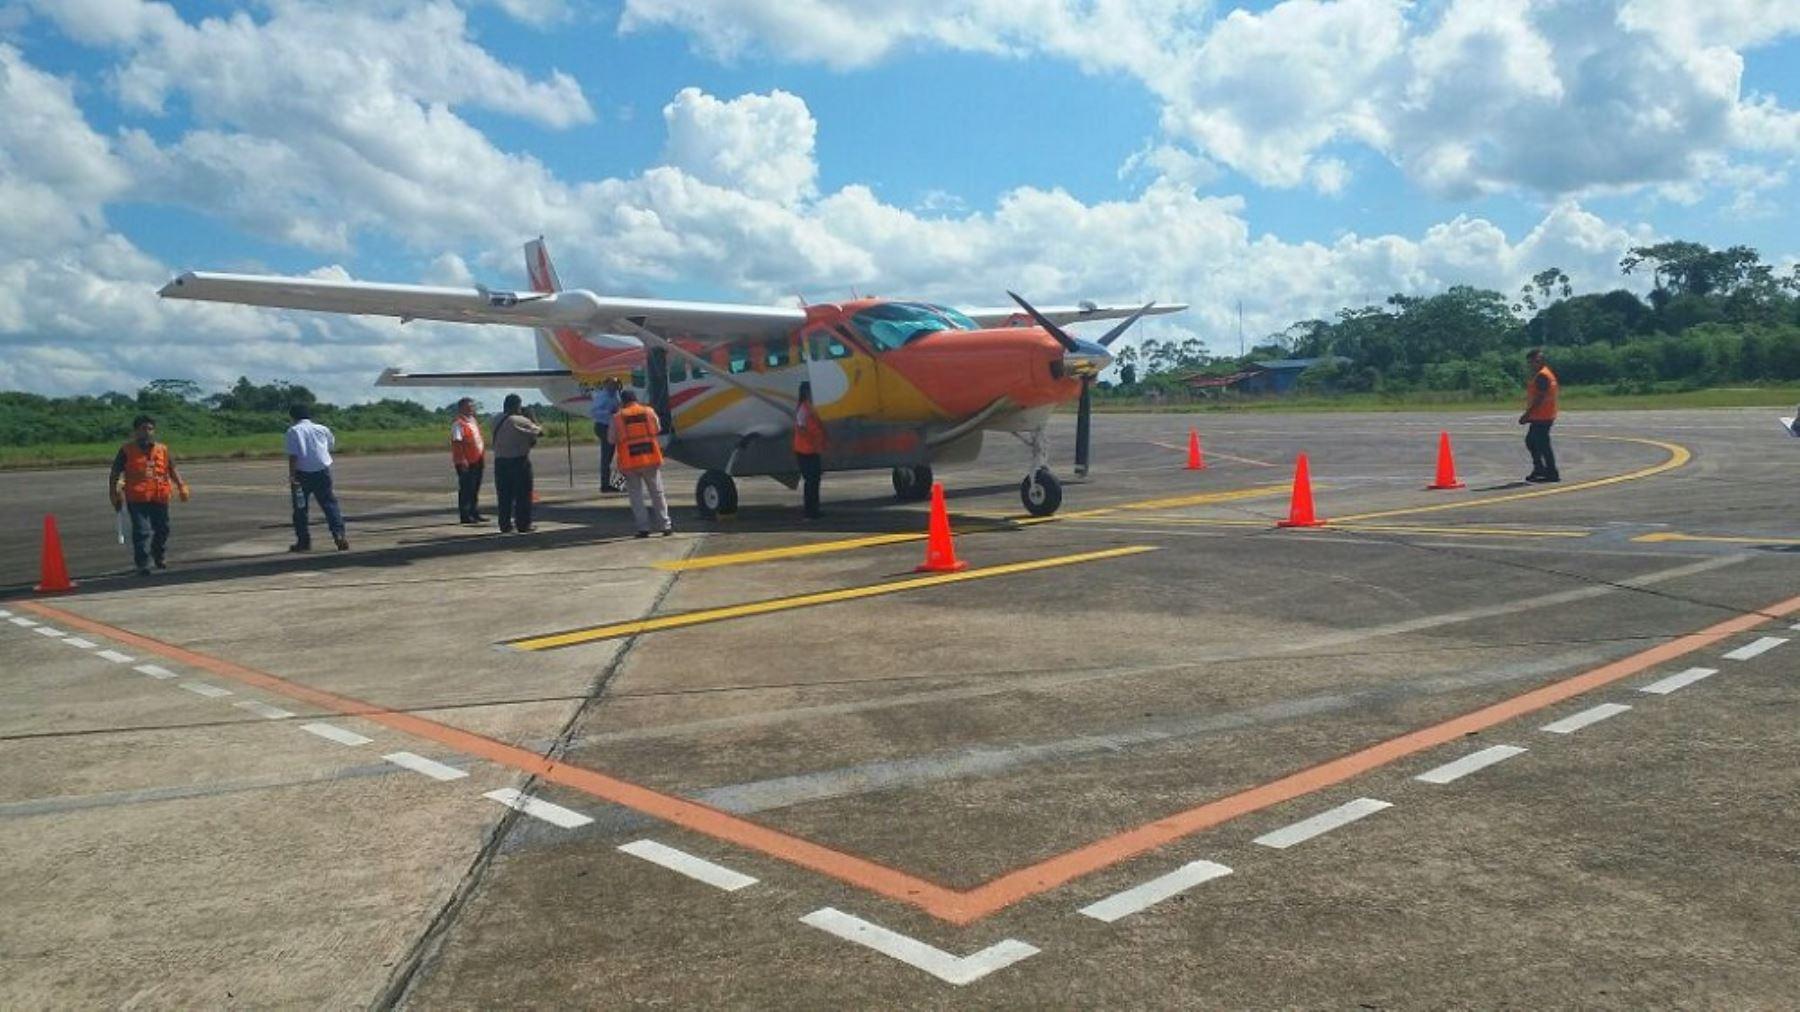 El Ministerio de Transportes y Comunicaciones (MTC)  informó que se iniciaron los vuelos subsidiados del cuarto paquete de la ruta: Puerto Maldonado-Manu-Puerto Maldonado y Puerto Maldonado- Puerto Esperanza-Puerto Maldonado, trayecto que está dentro del Programa de Integración Amazónica por vía aérea impulsado por el sector.